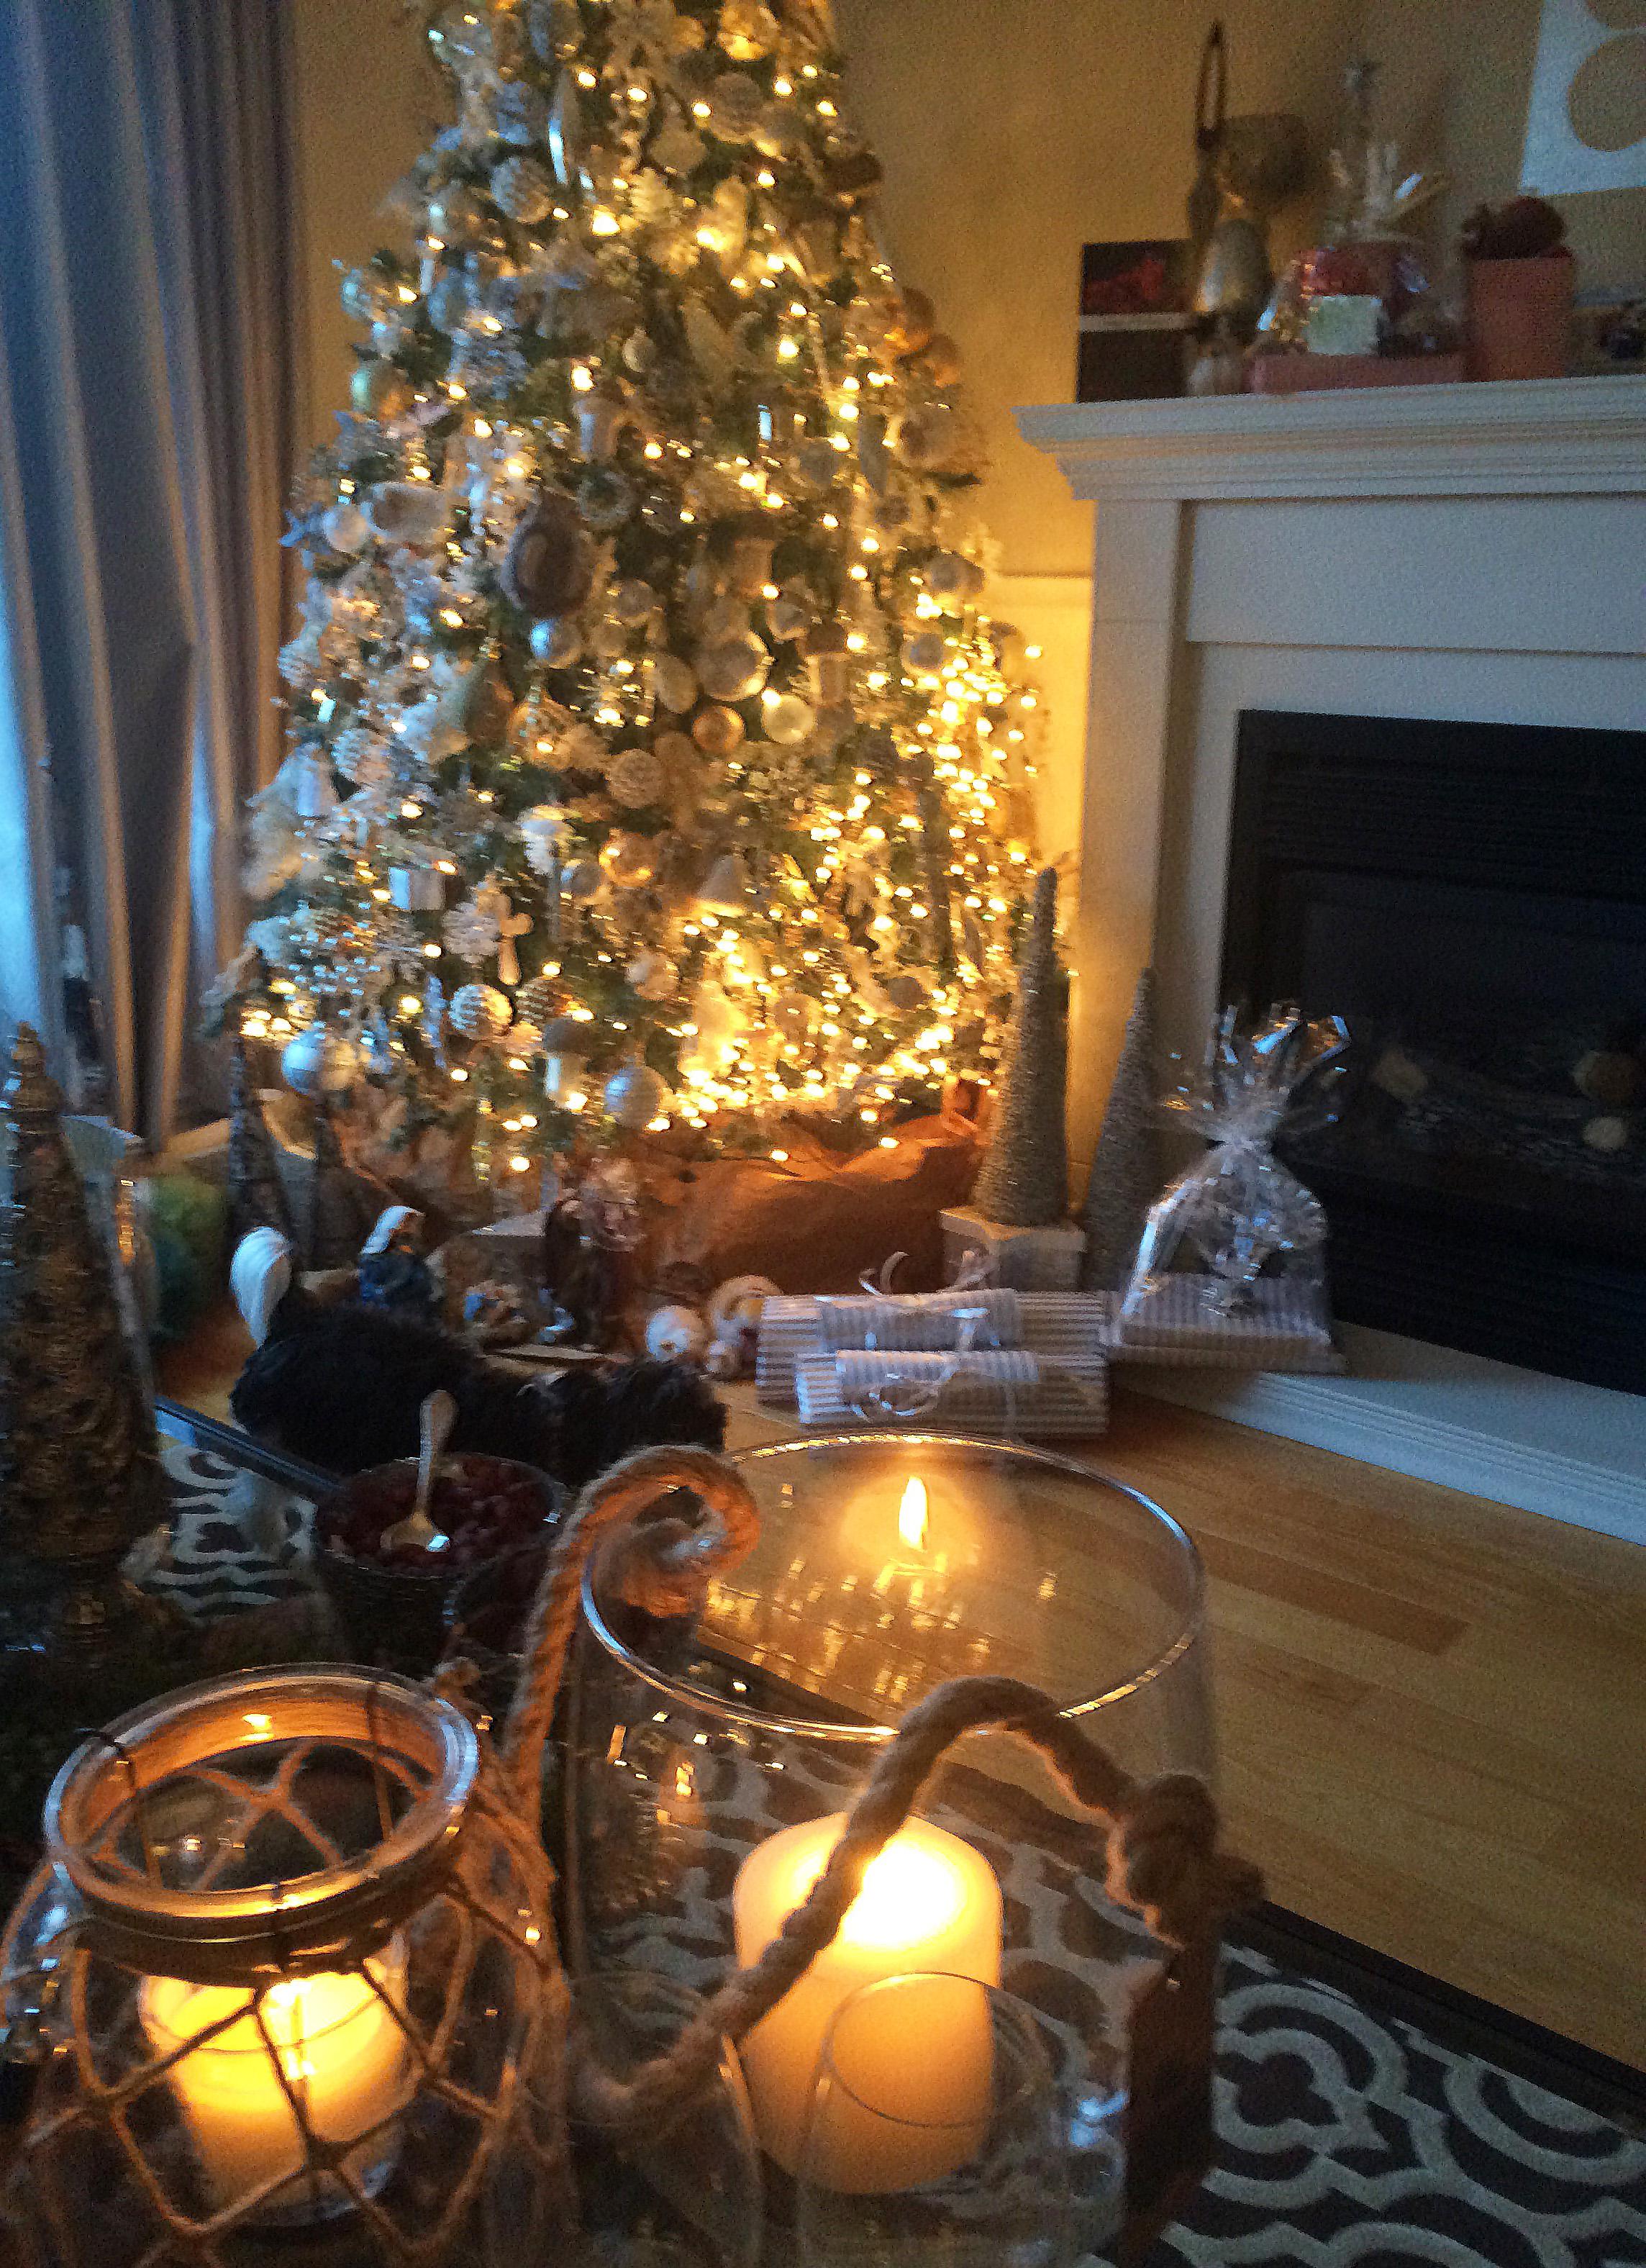 Christmas Home Decor and Interior Design